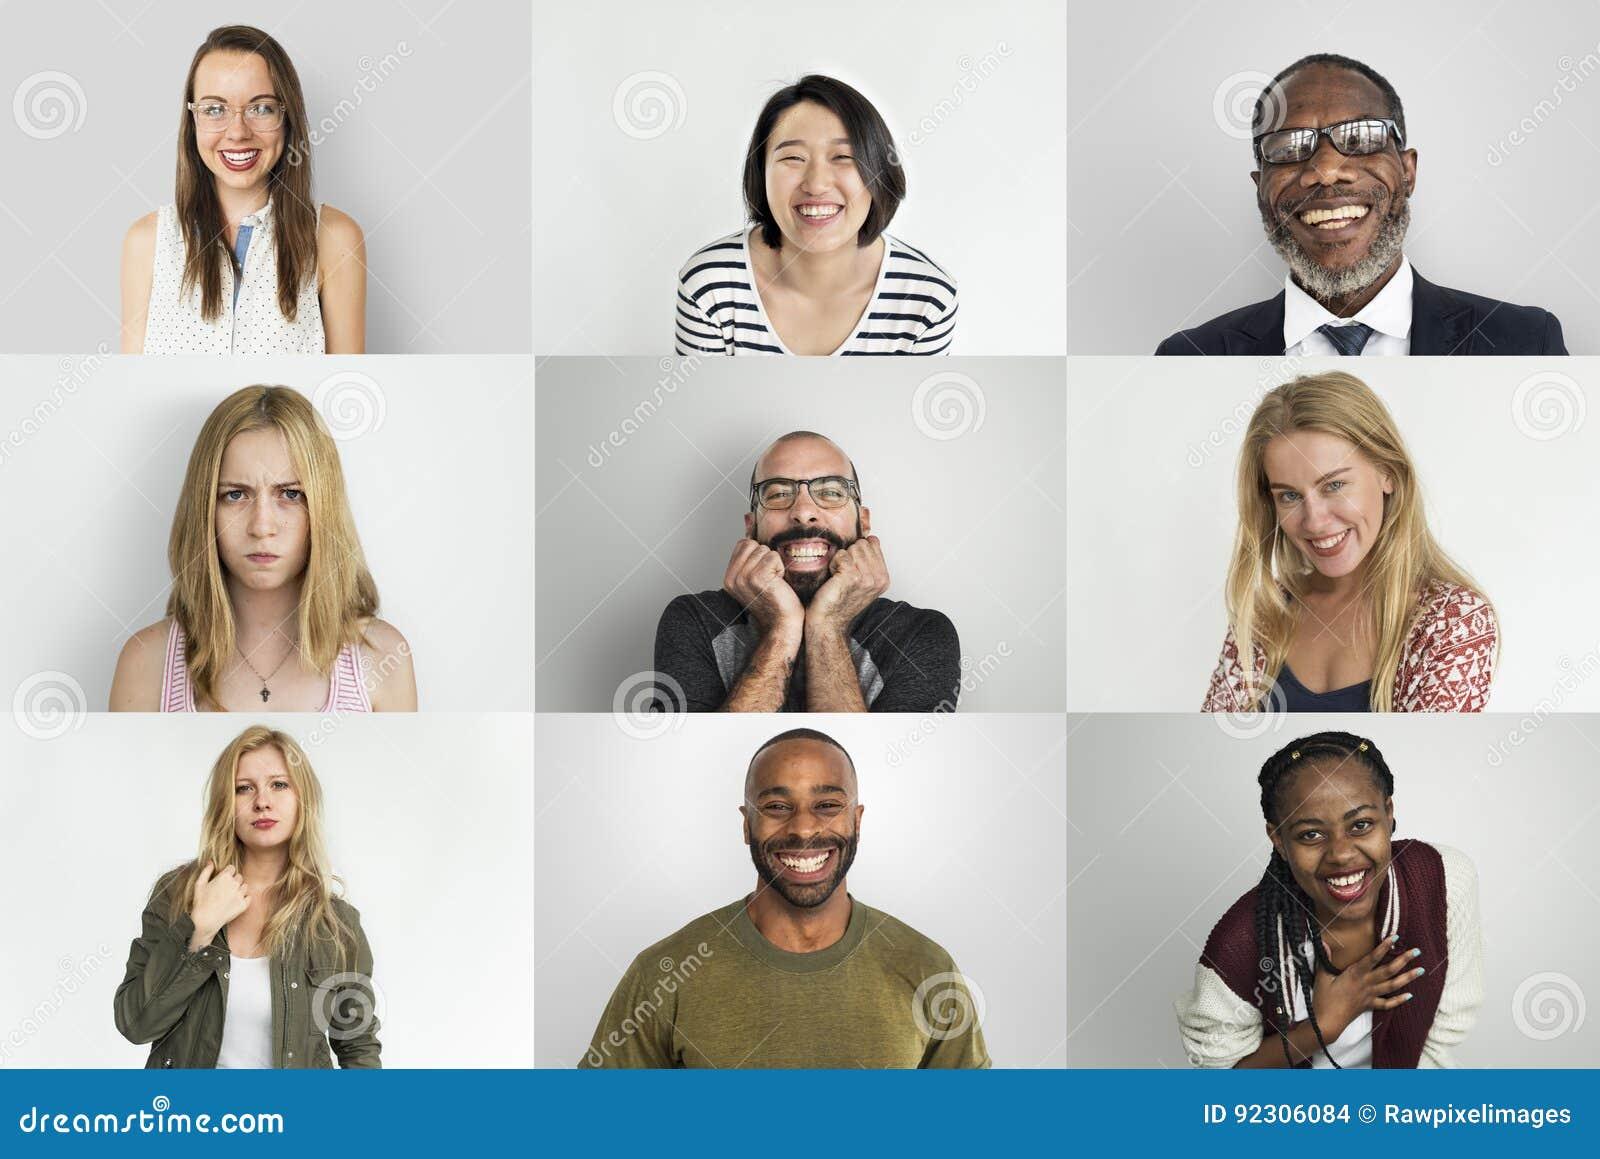 Różnorodni ludzie Uśmiecha się szczęścia Rozochoconego pojęcie